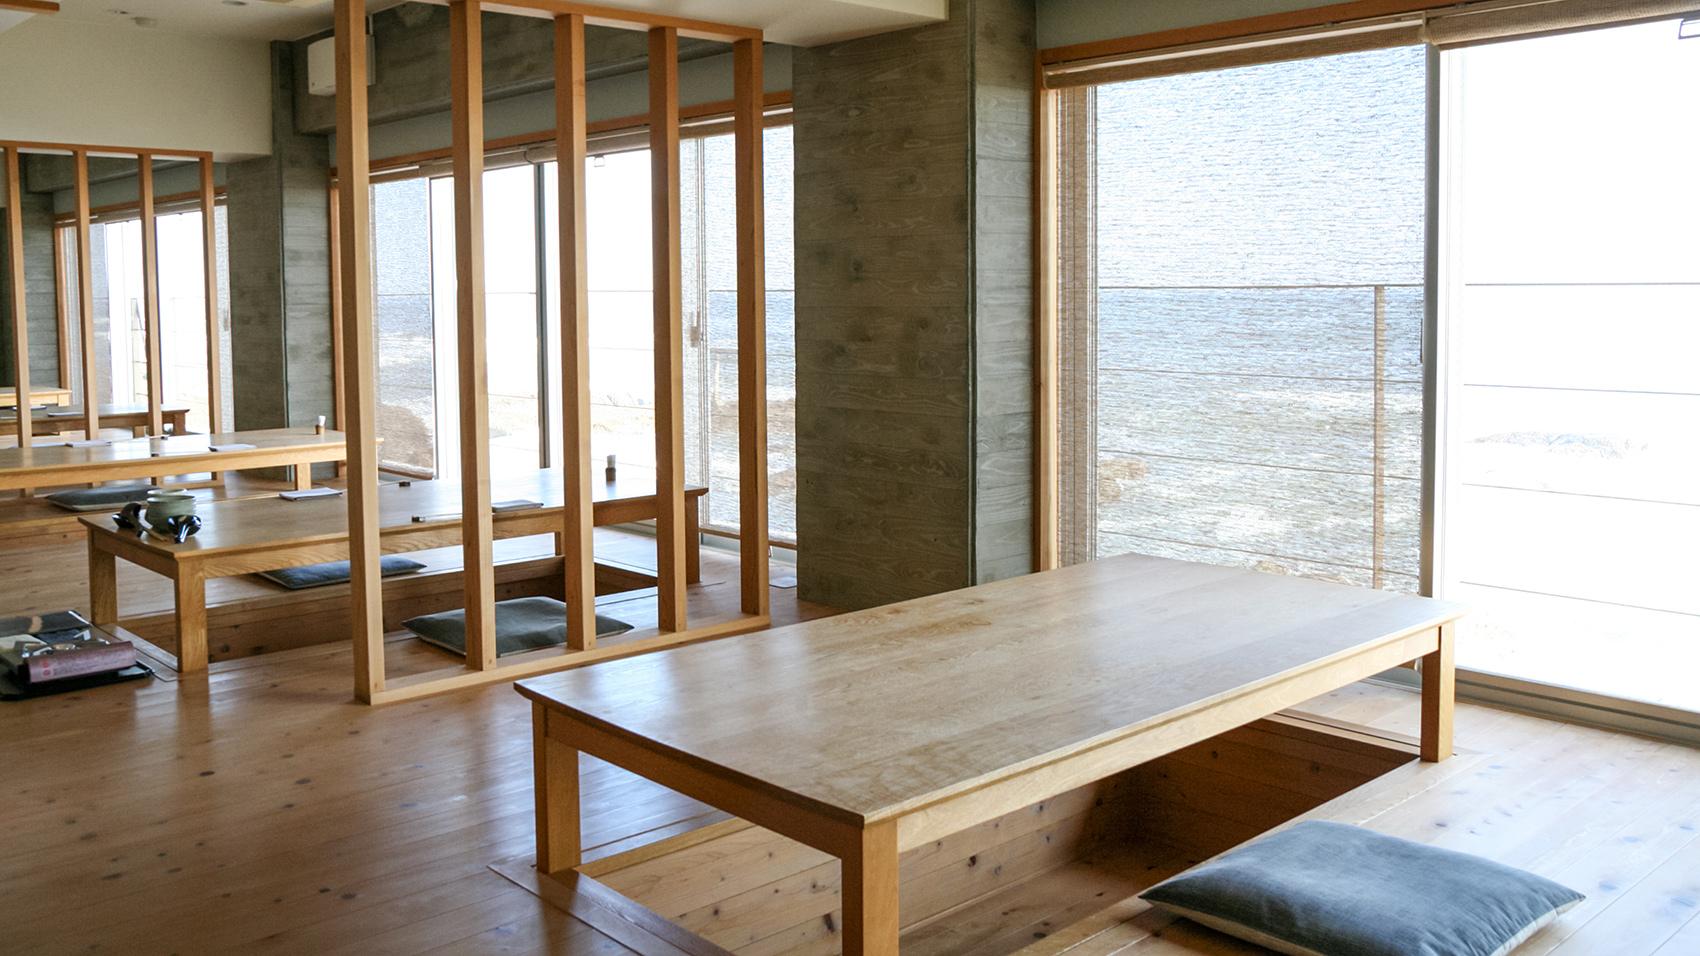 朝食は海から昇る朝日を眺めながら、掘り炬燵式のテーブルがある板張りのお座敷でいただく。